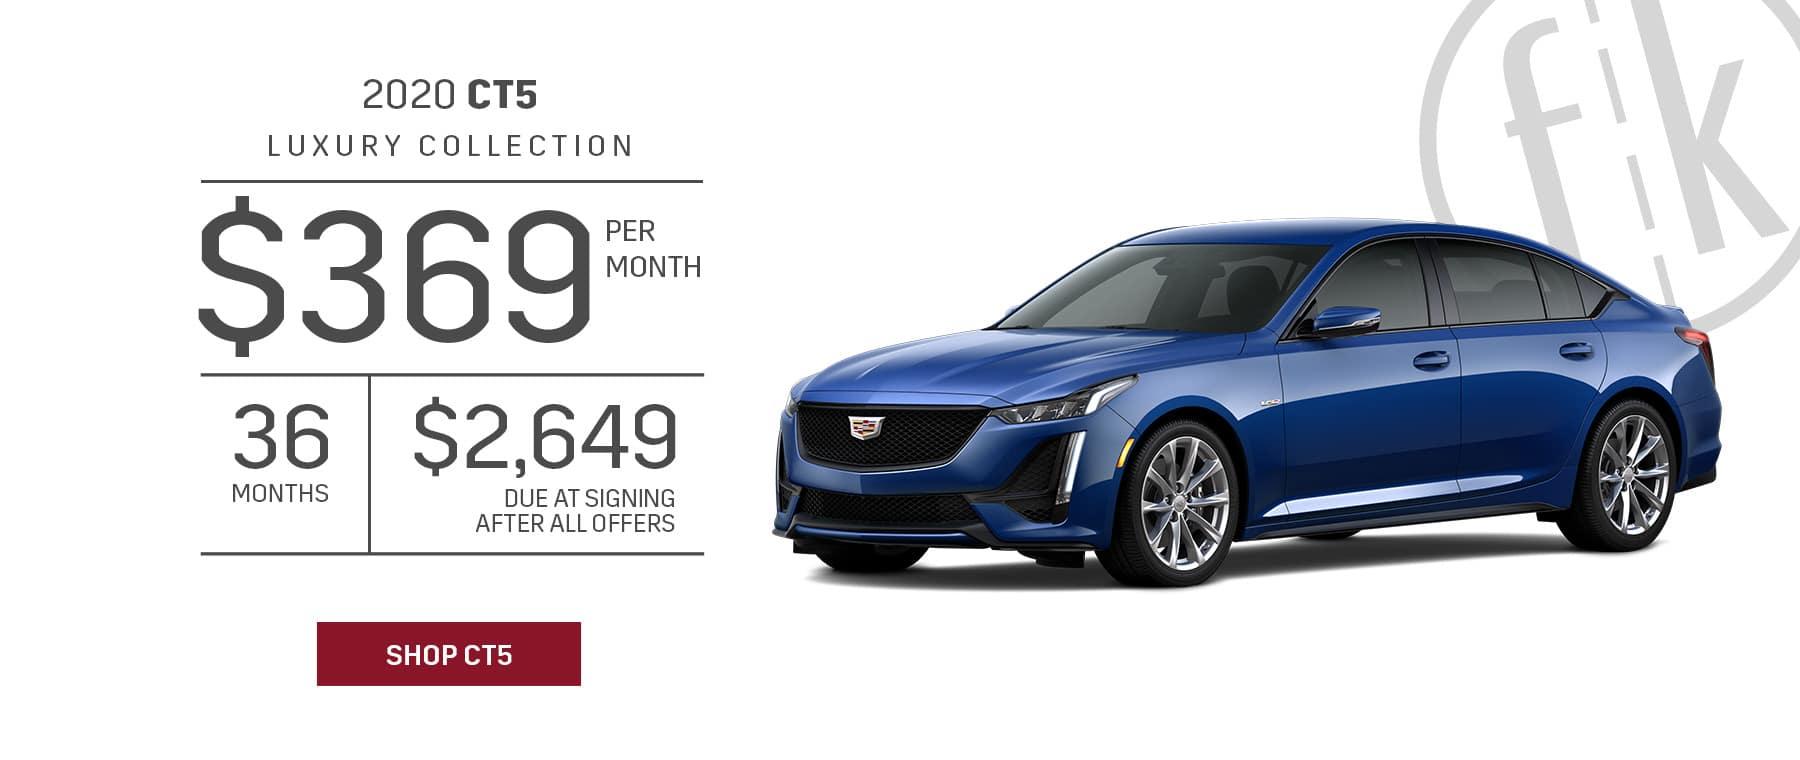 $369/mo. for 36 mos. $2,649 DAS 2020 CT5 Luxury